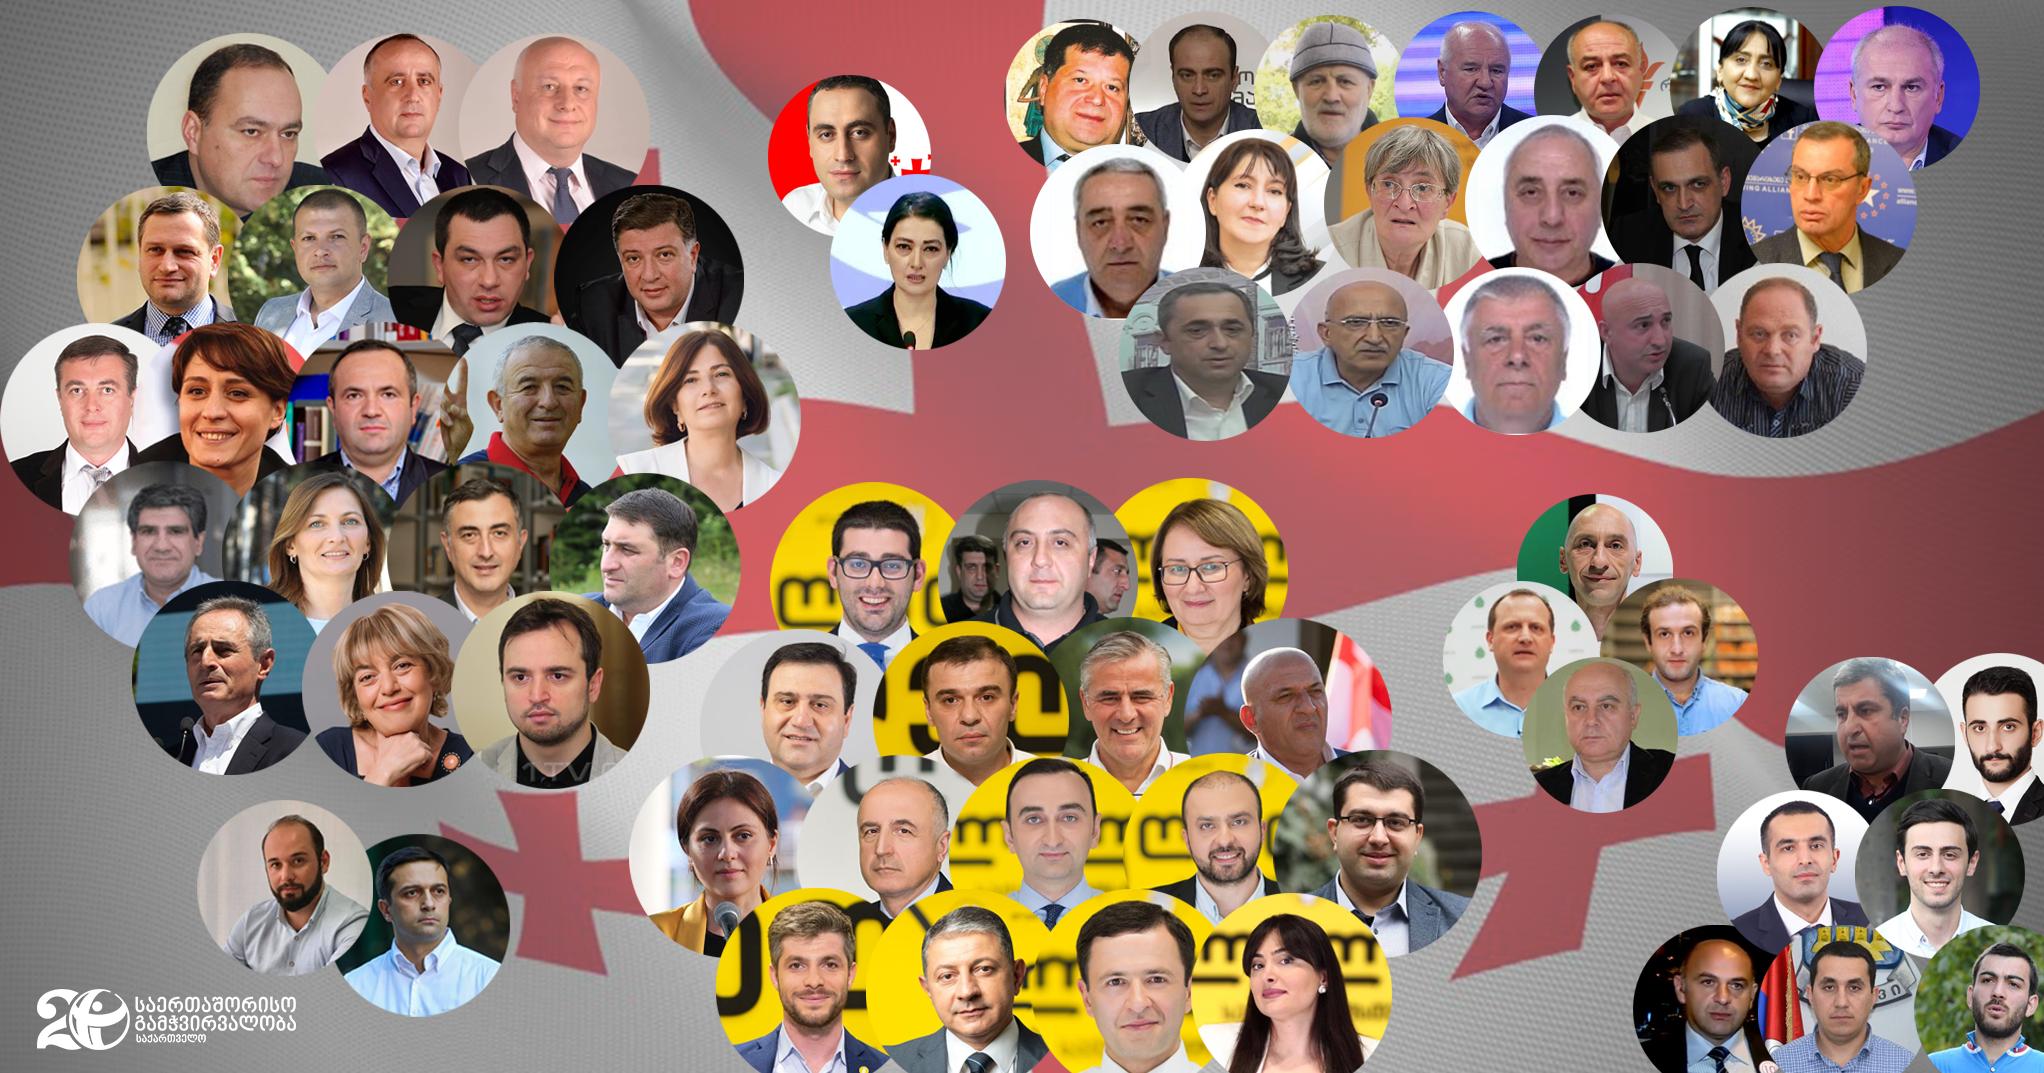 შვიდი ოპოზიციური პარტიის მაჟორიტარი კანდიდატების სამეწარმეო საქმიანობა და პოლიტიკური შემოწირულობები